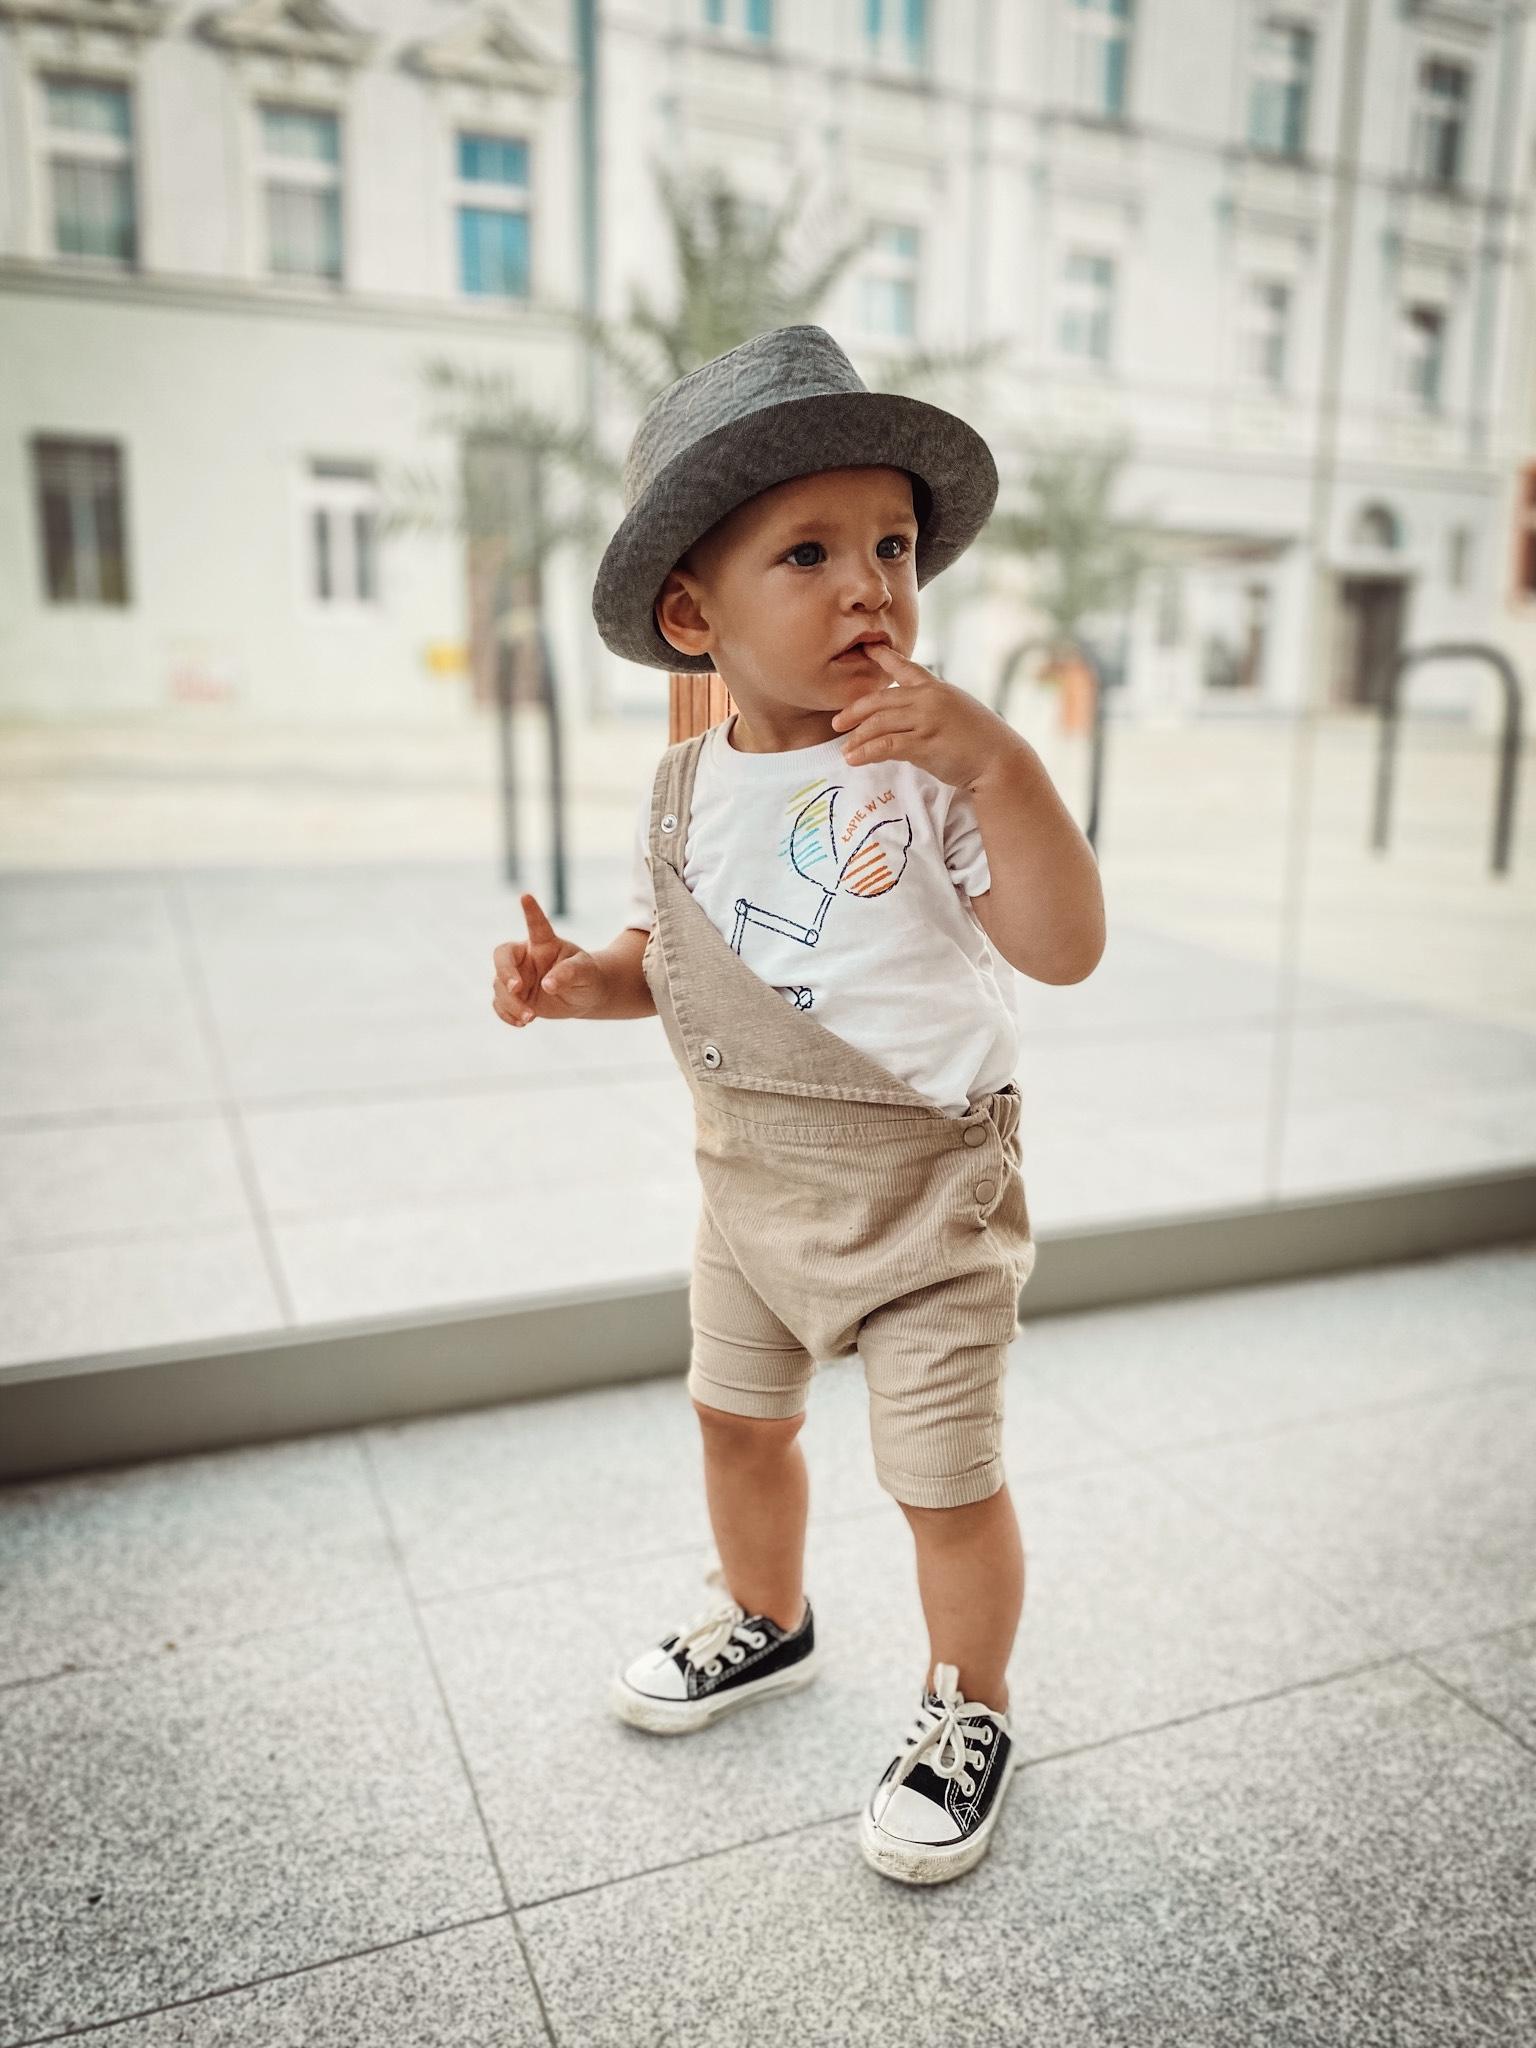 Mały chłopiec w jasnych ogrodniczkach i kapeluszu na głowie.